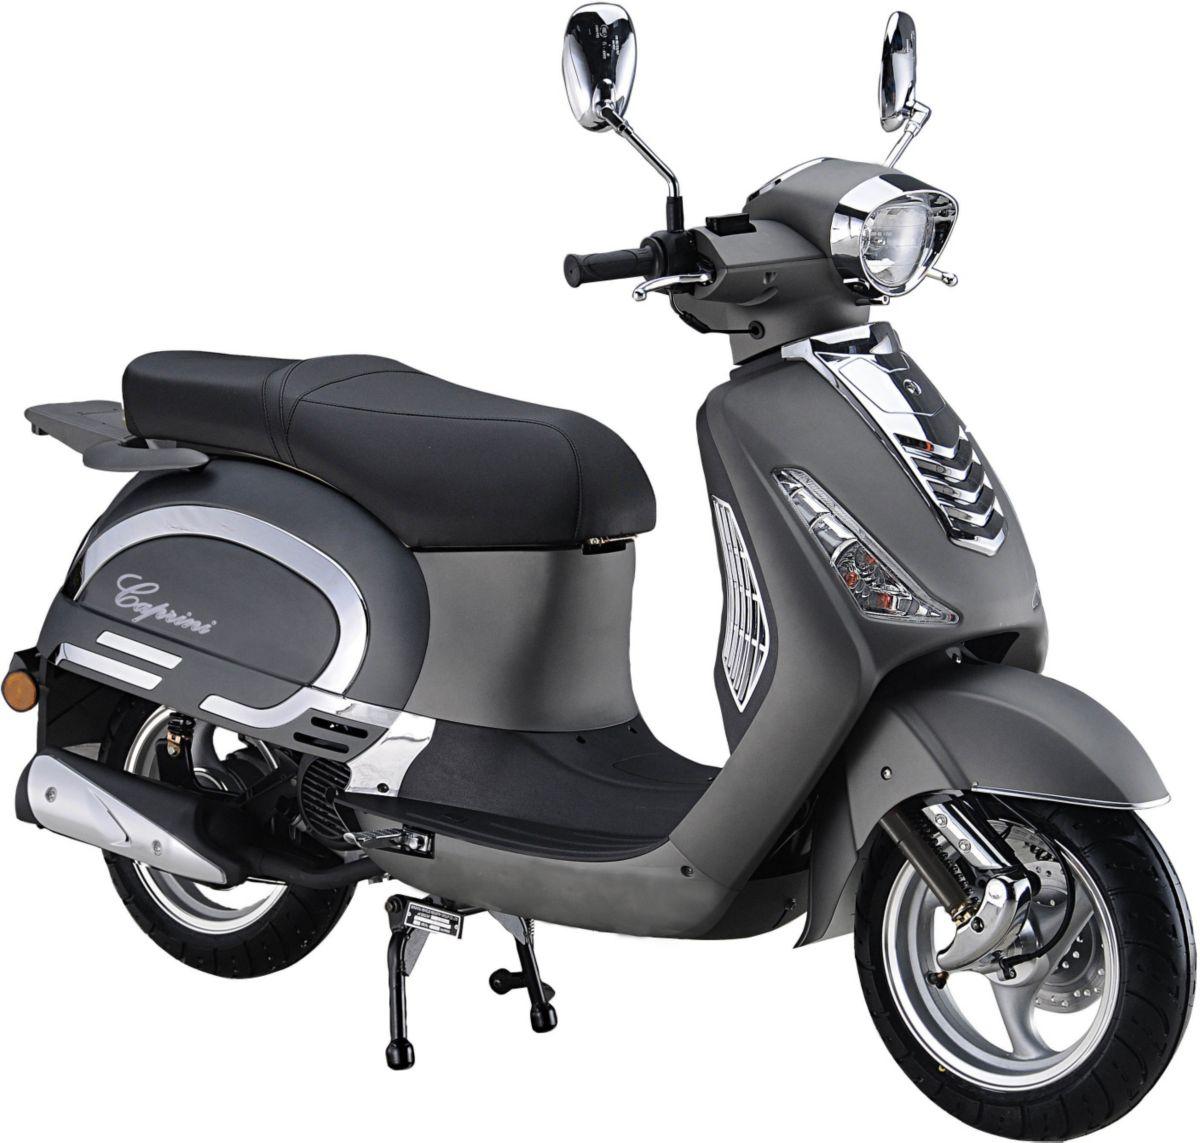 Rondelli Mofaroller, 50 ccm, 25 km/h, »Flower«